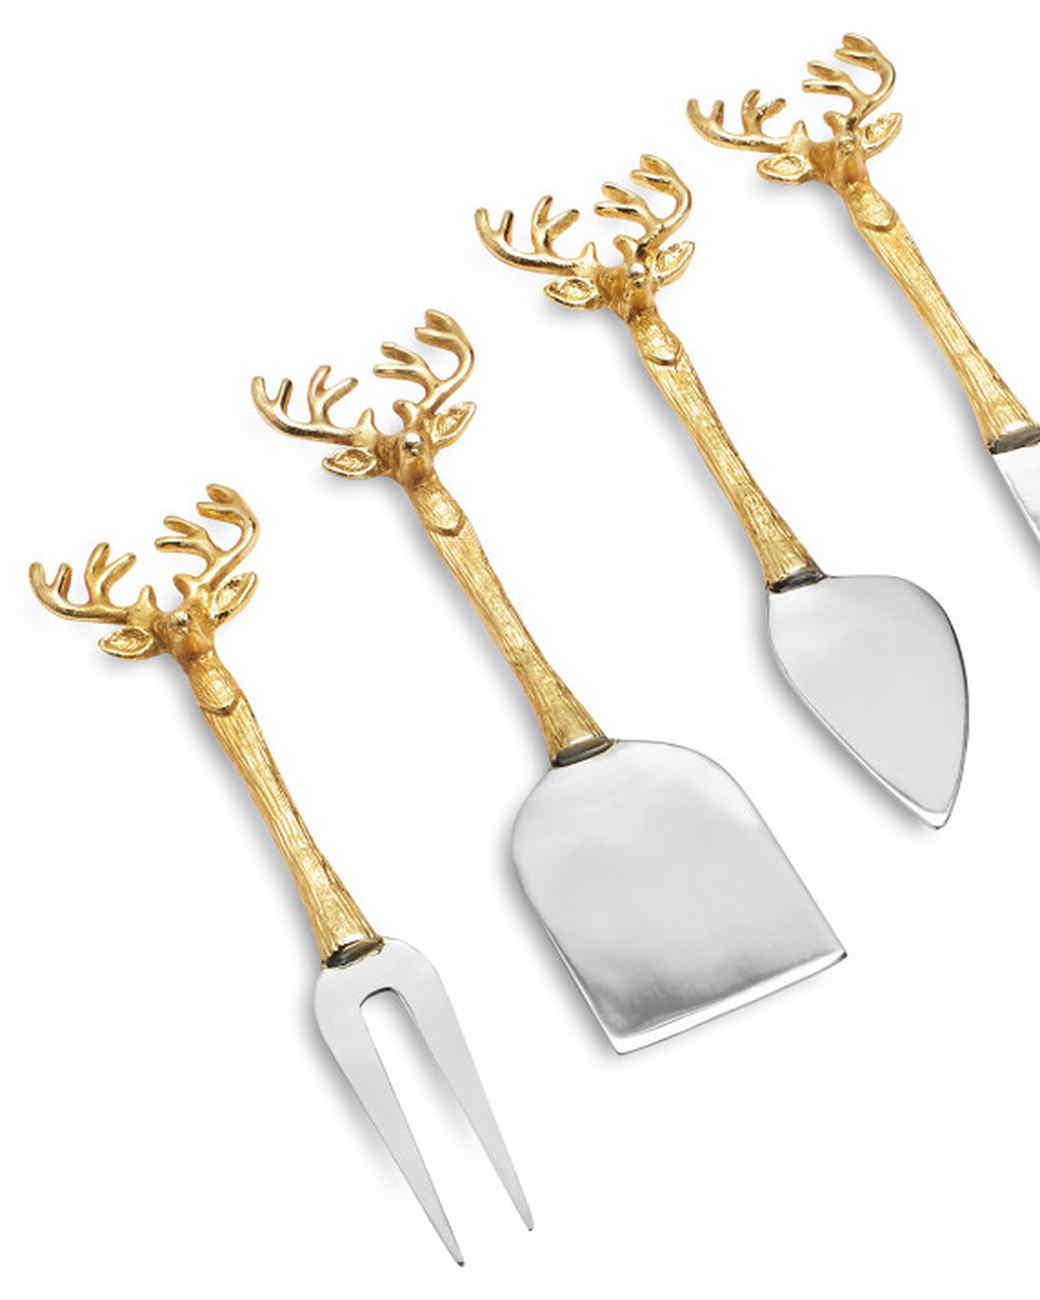 reindeer cheese knives